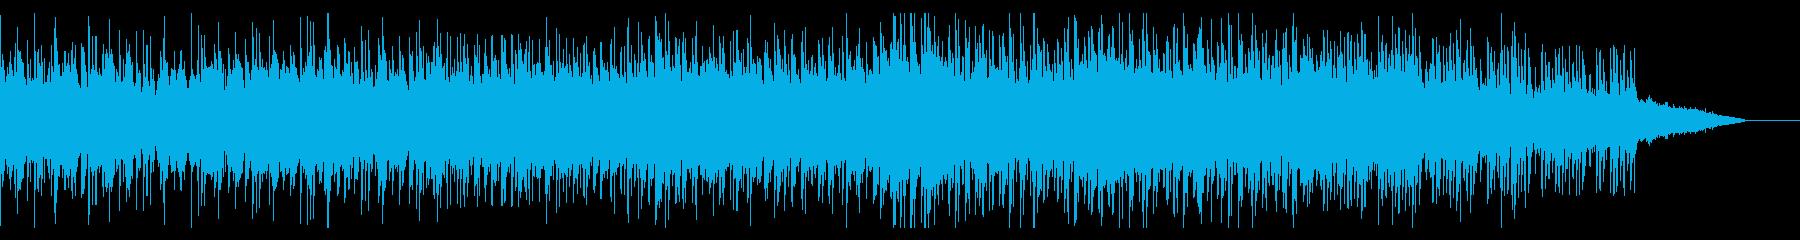 短くファンキーなグリッジビートの再生済みの波形